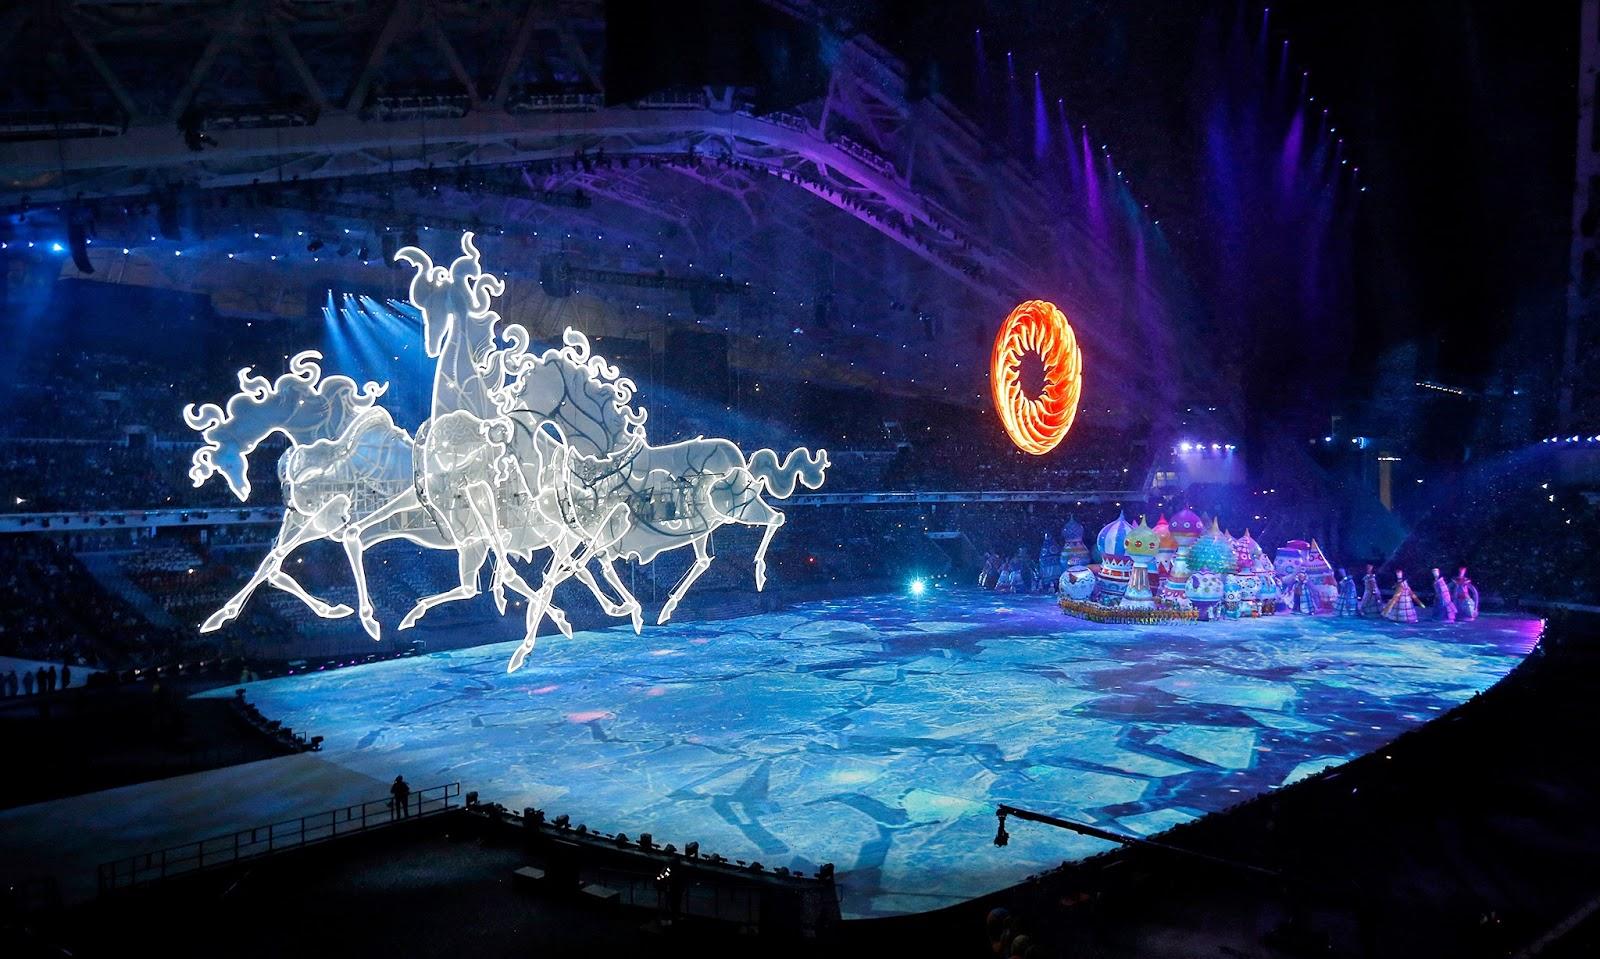 Sochi Winter Olympics,Olympics 2014, Olympics Opening Ceremony